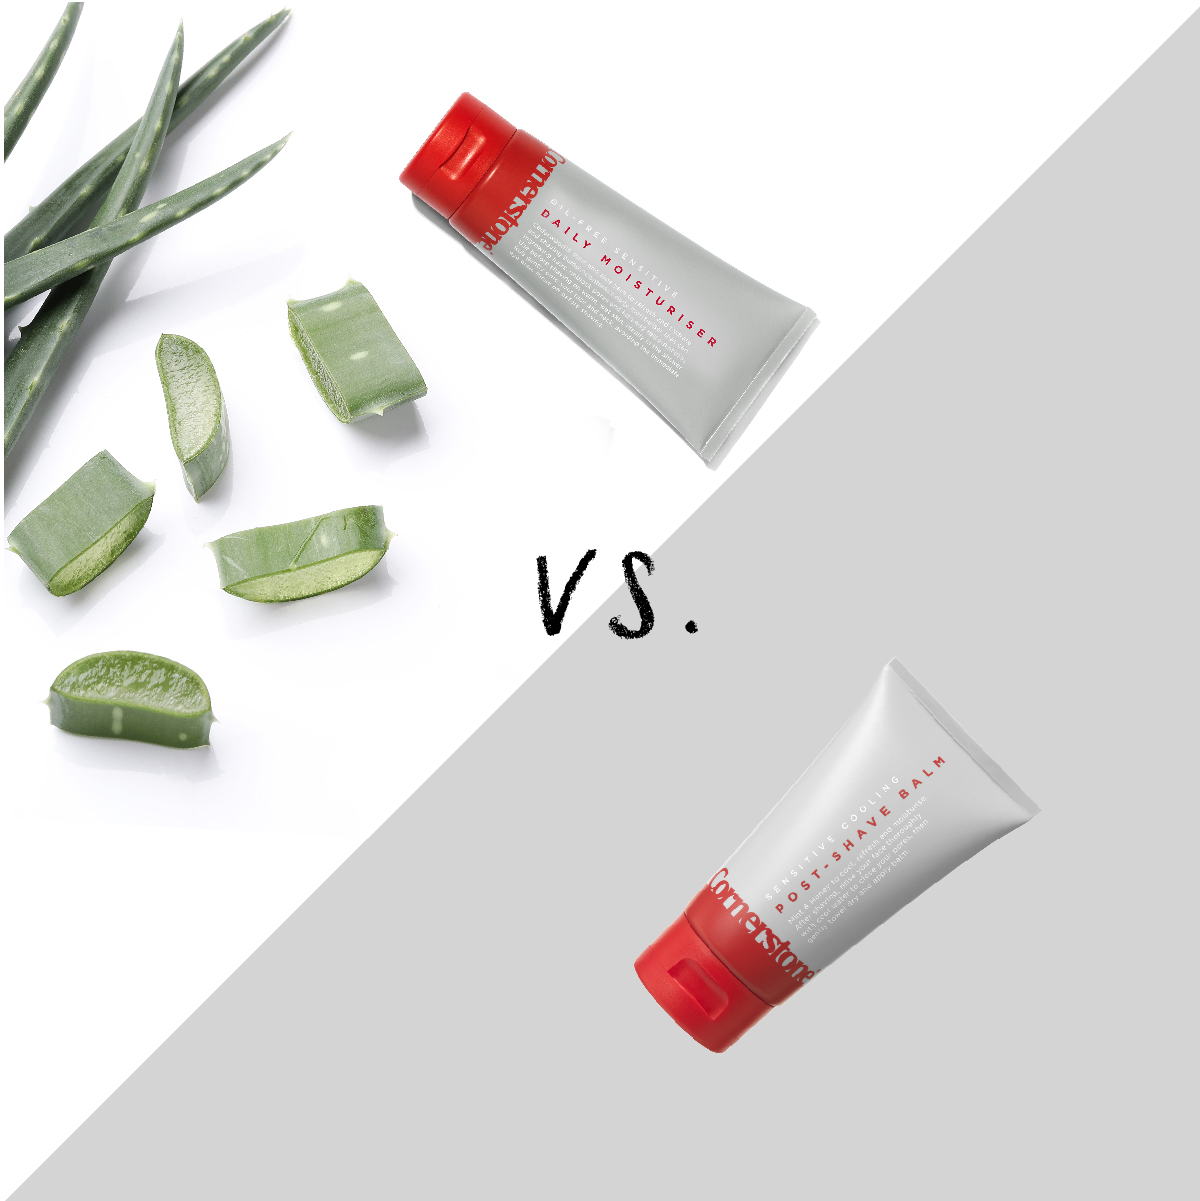 Daily Moisturiser vs Post-Shave Balm